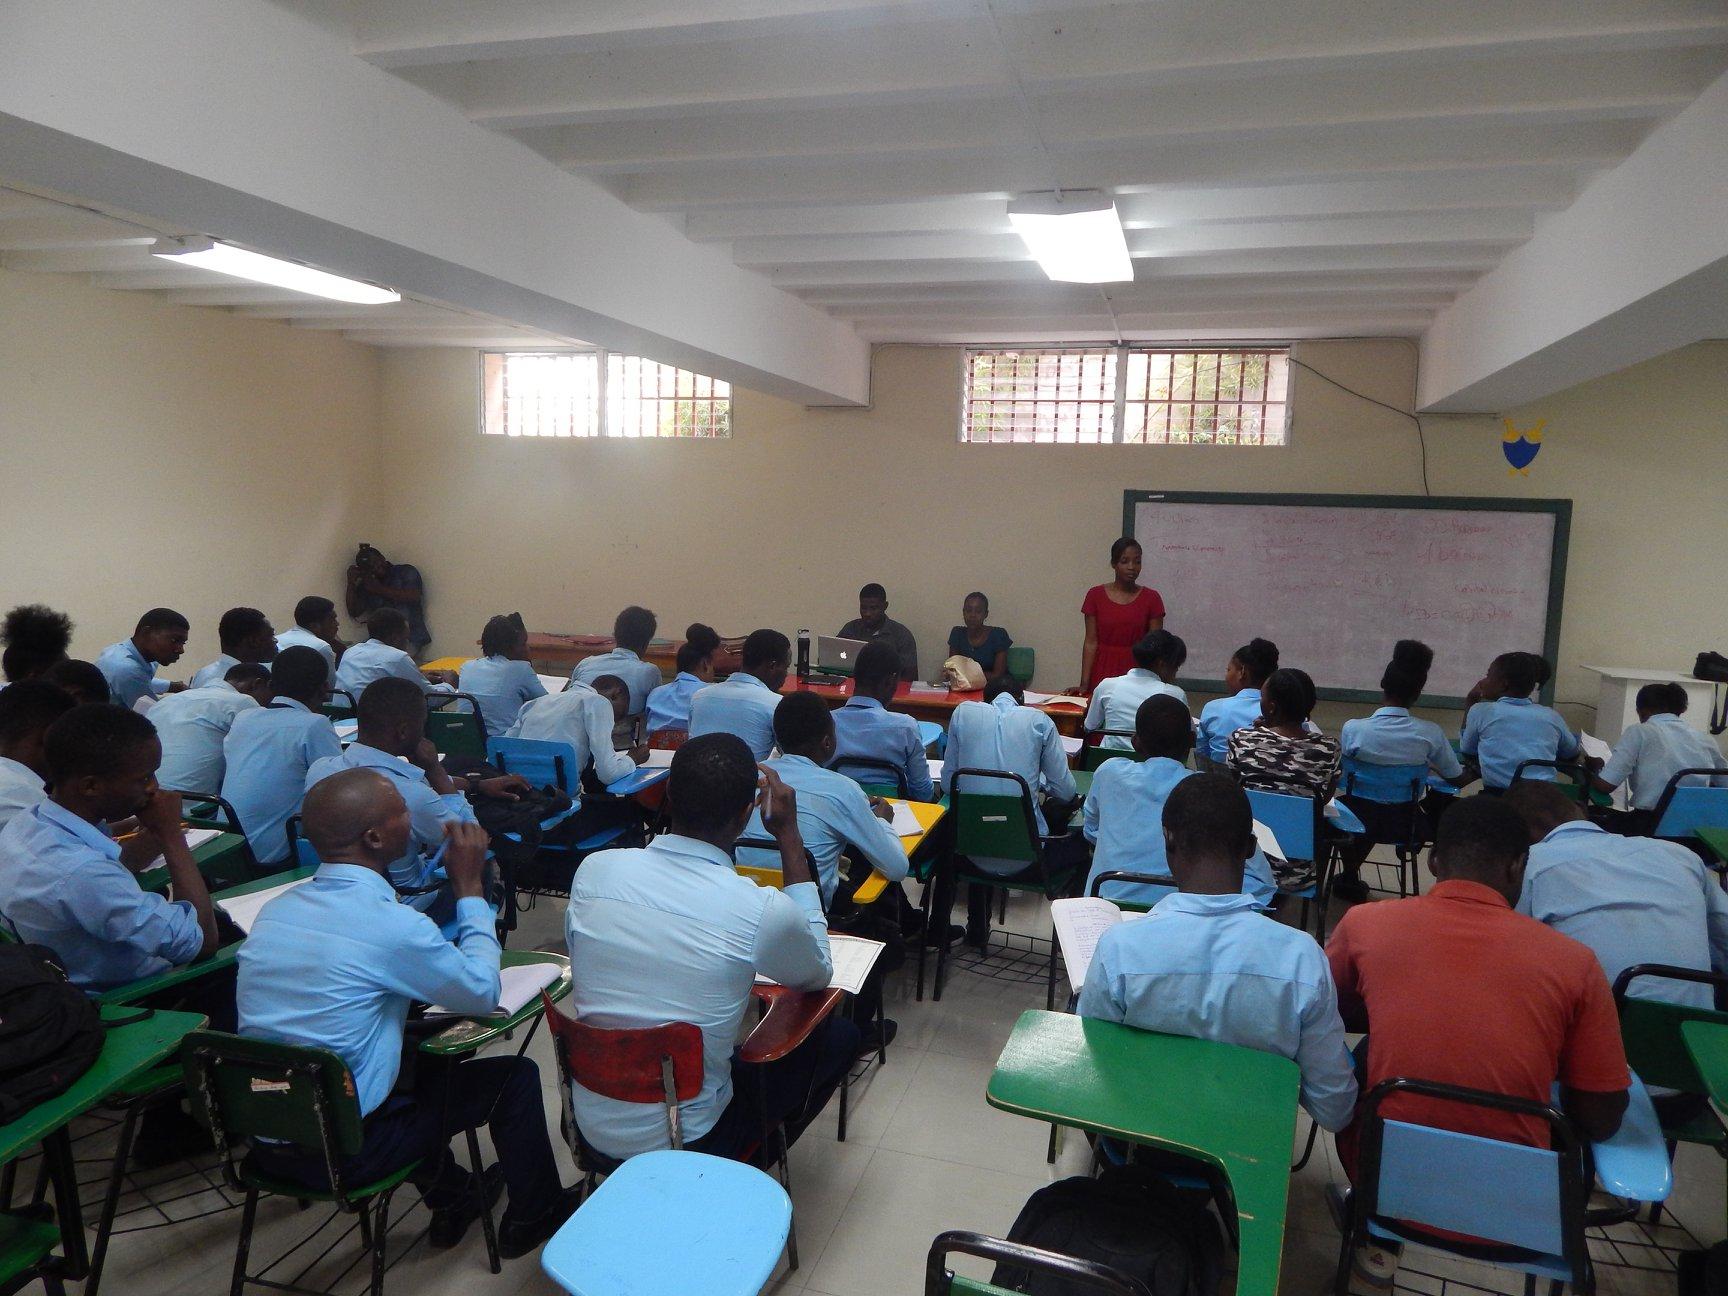 Un groupe d'élèves du Lycée de La Saline dans une salle de cours à l'UniQ./Photo: Compte Facebook de l'UniQ